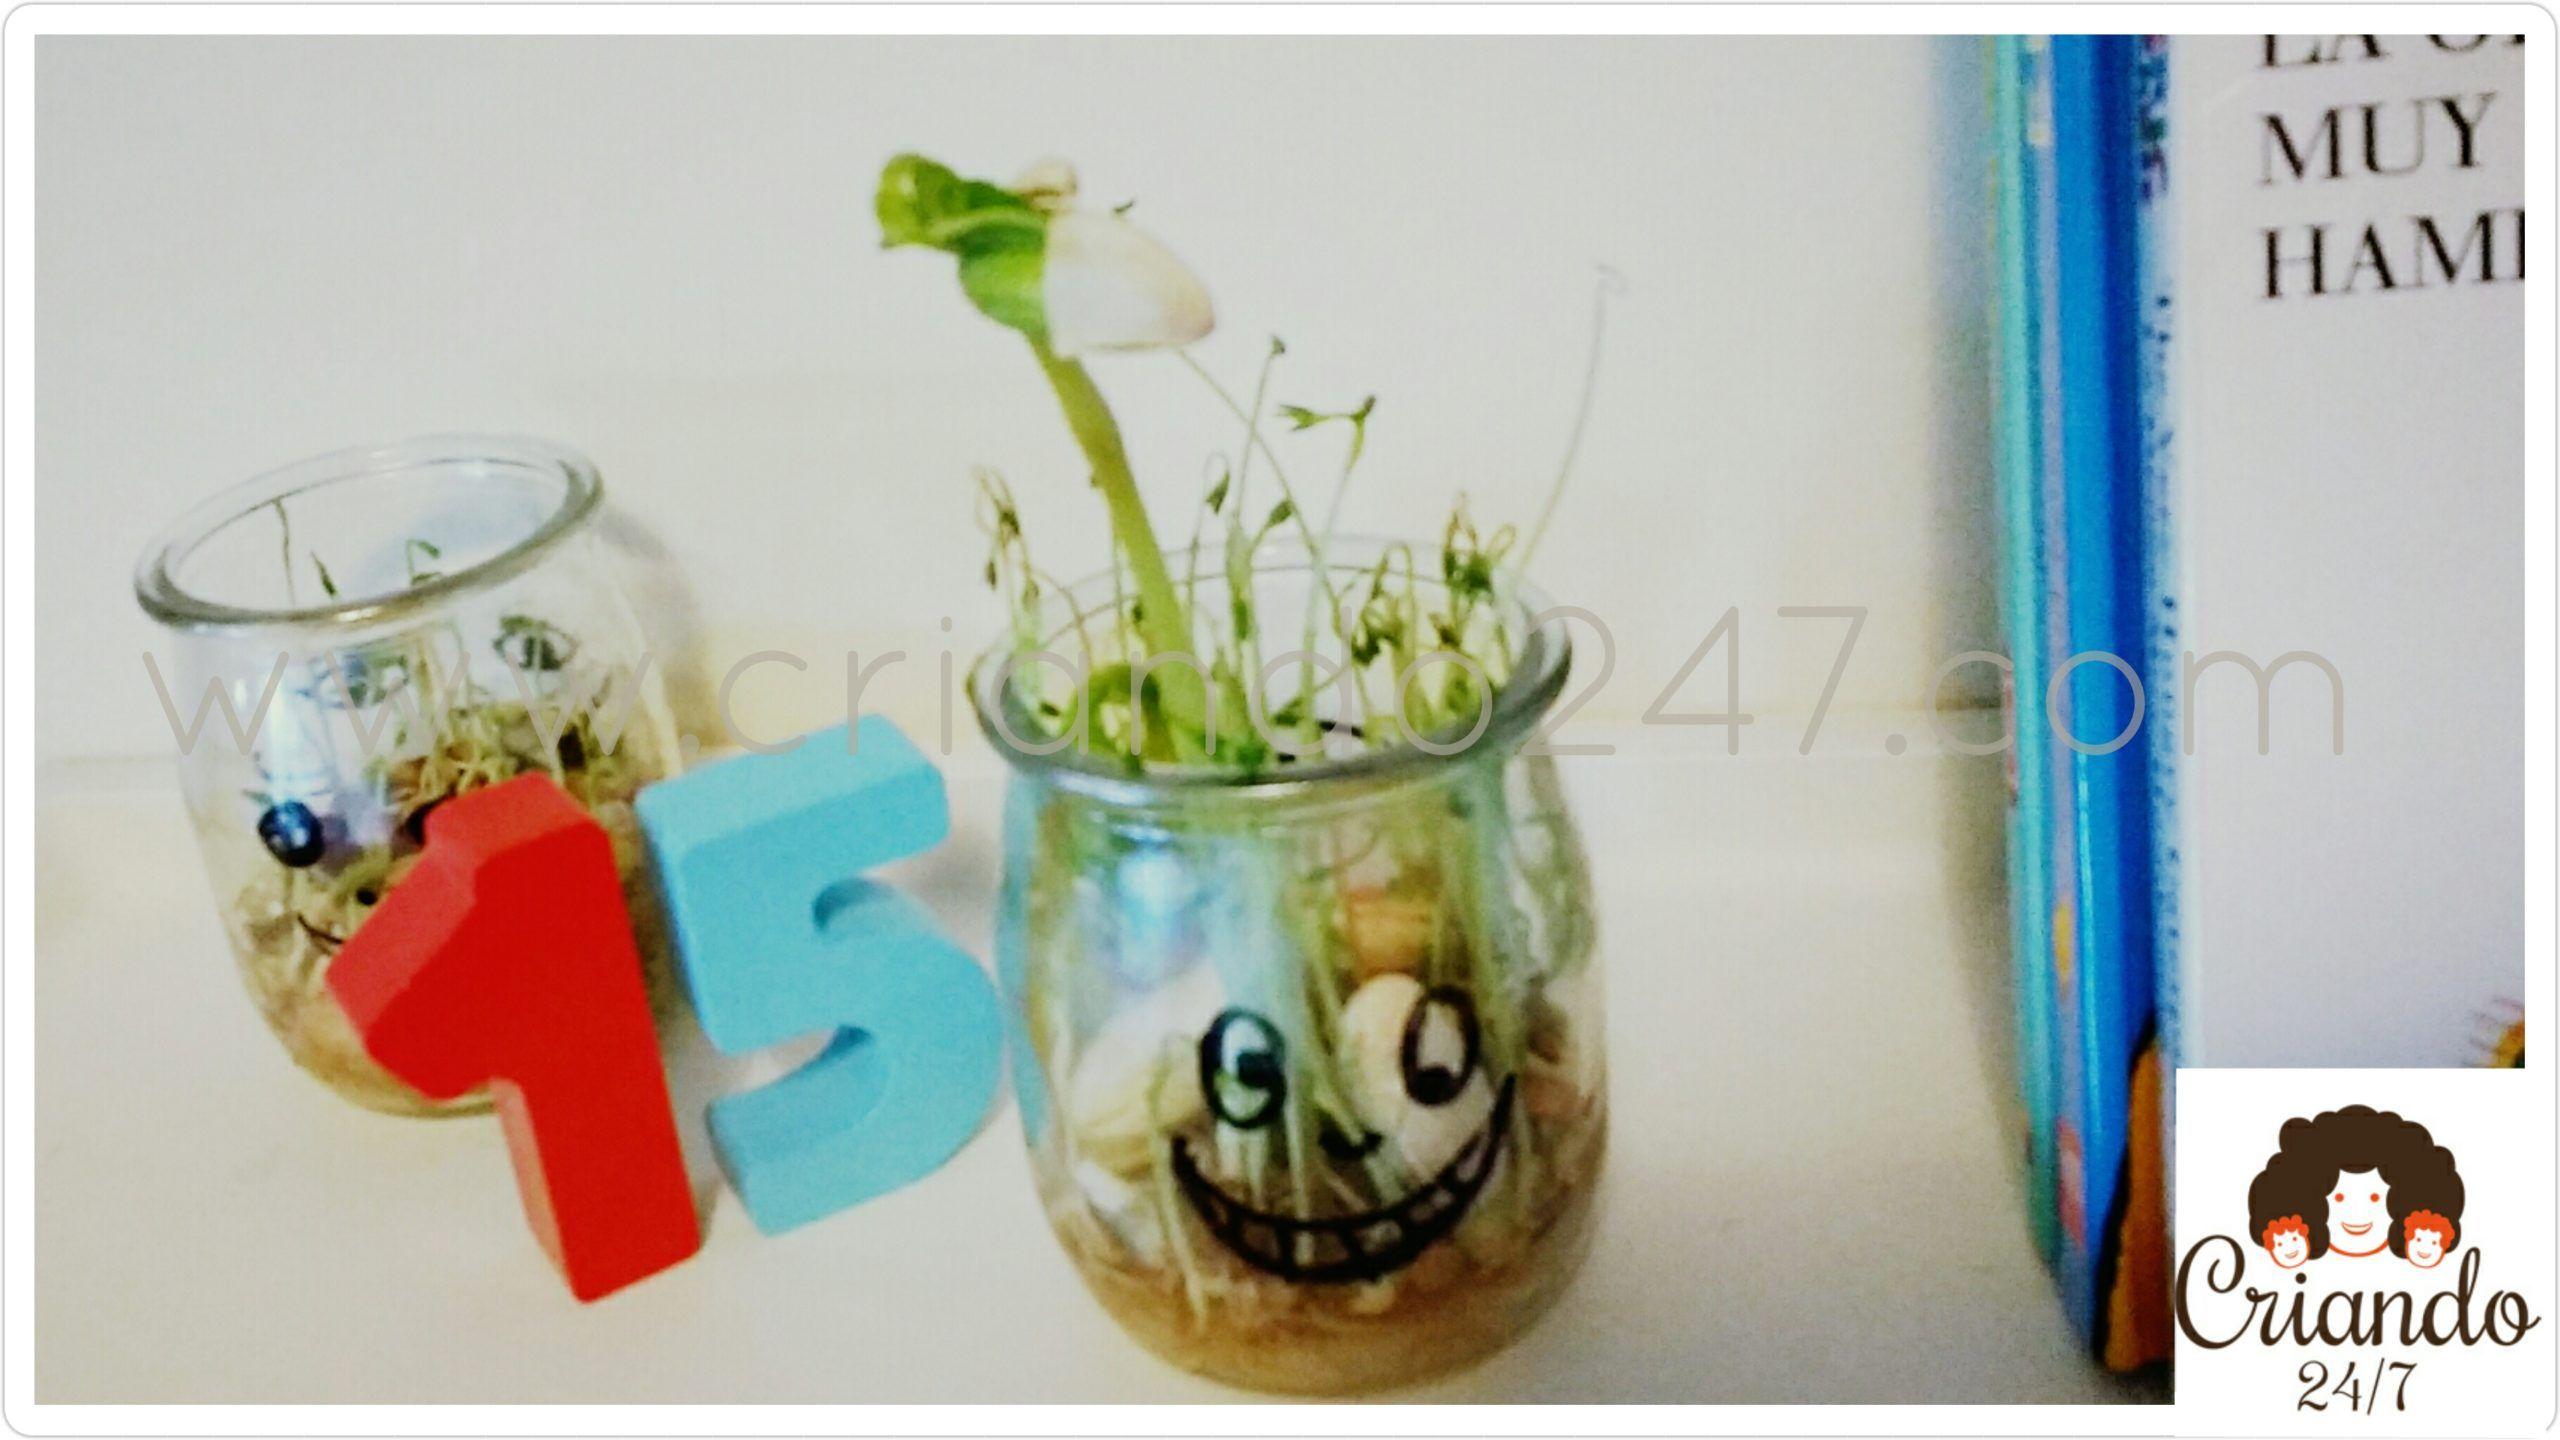 dos vasitos de cristal de yogur con unas caras ìntadas con rotulador negro y una germinacion de alubias y lentejas creciendo. logo de Criando24/7